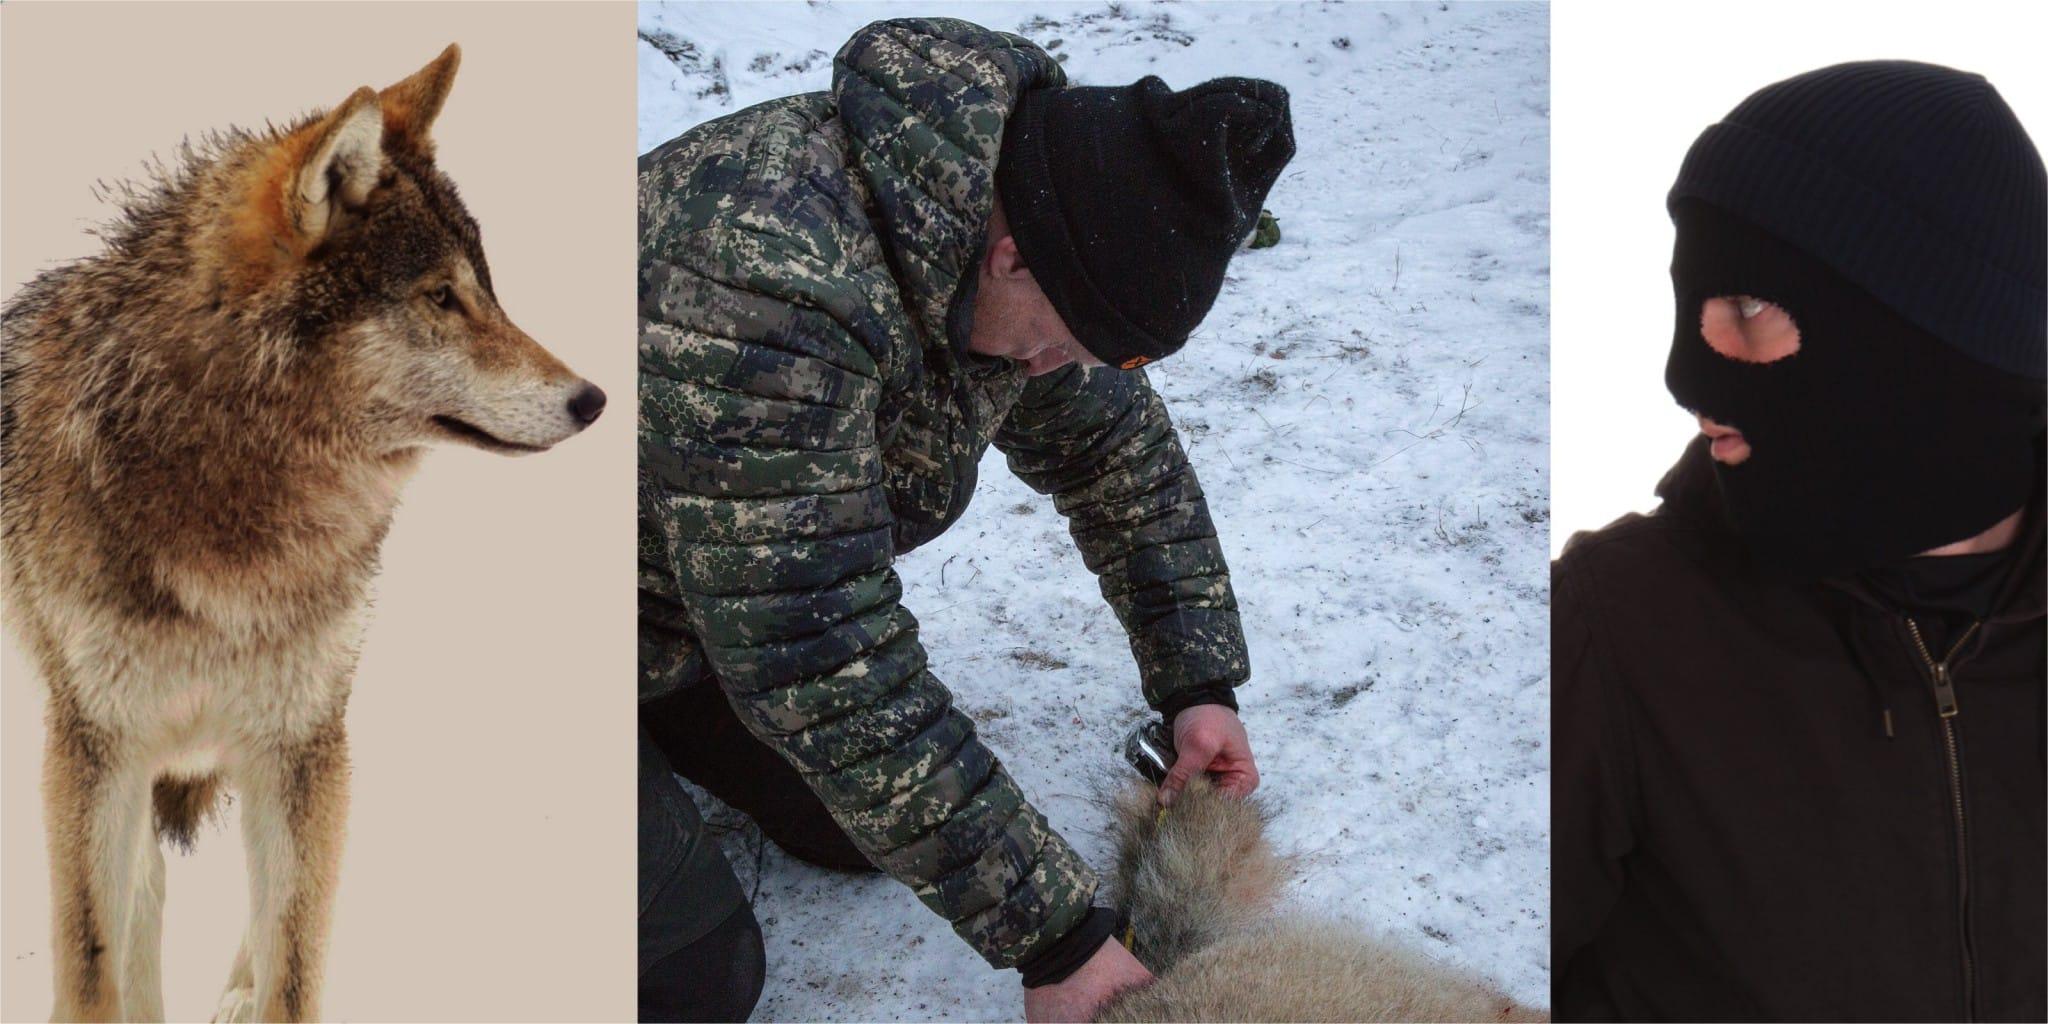 Iklädda rånarhuvor försöker aktivister sabotera licensjakten på varg i Kölstareviret. Arkivfoto: Mostphotos och Olle Olsson